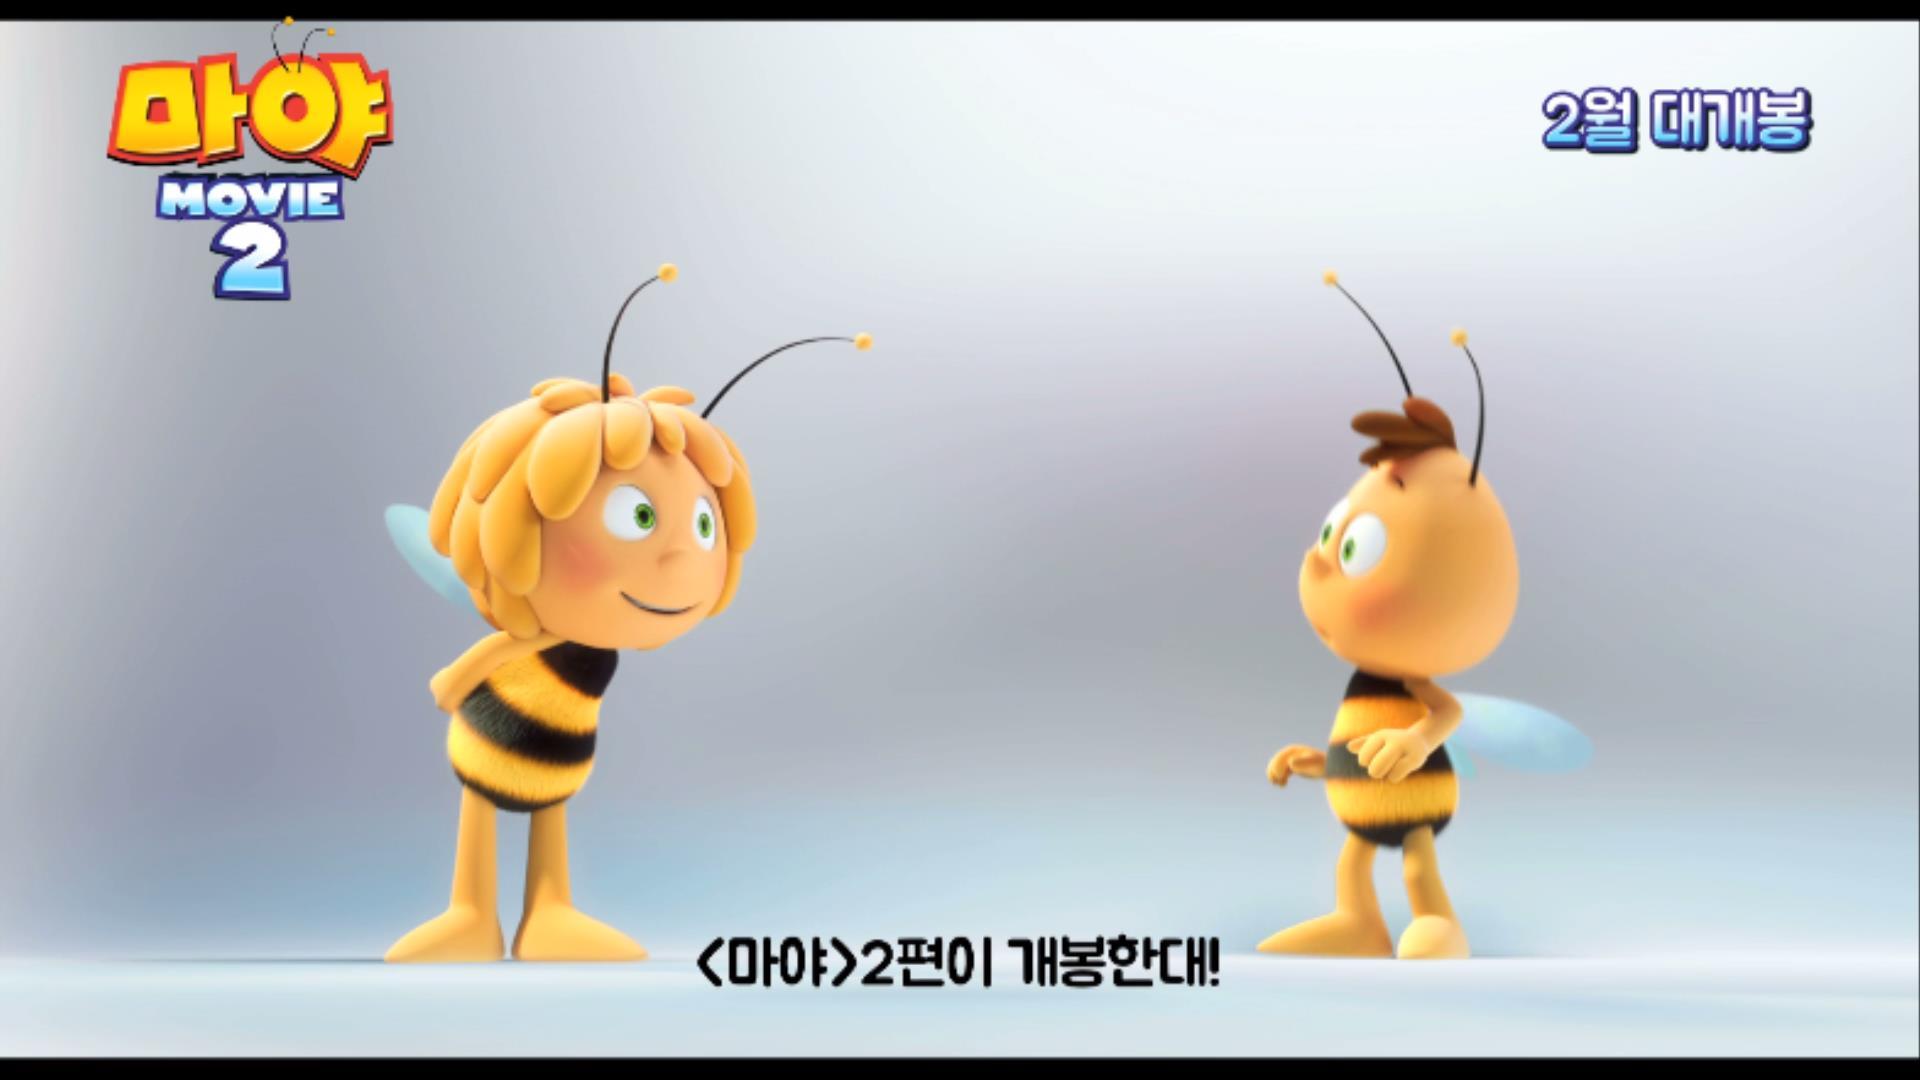 100년 이상 사랑받아온 세계적 베스트셀러 원작 <마야2> 티저 예고편 최초 공개!